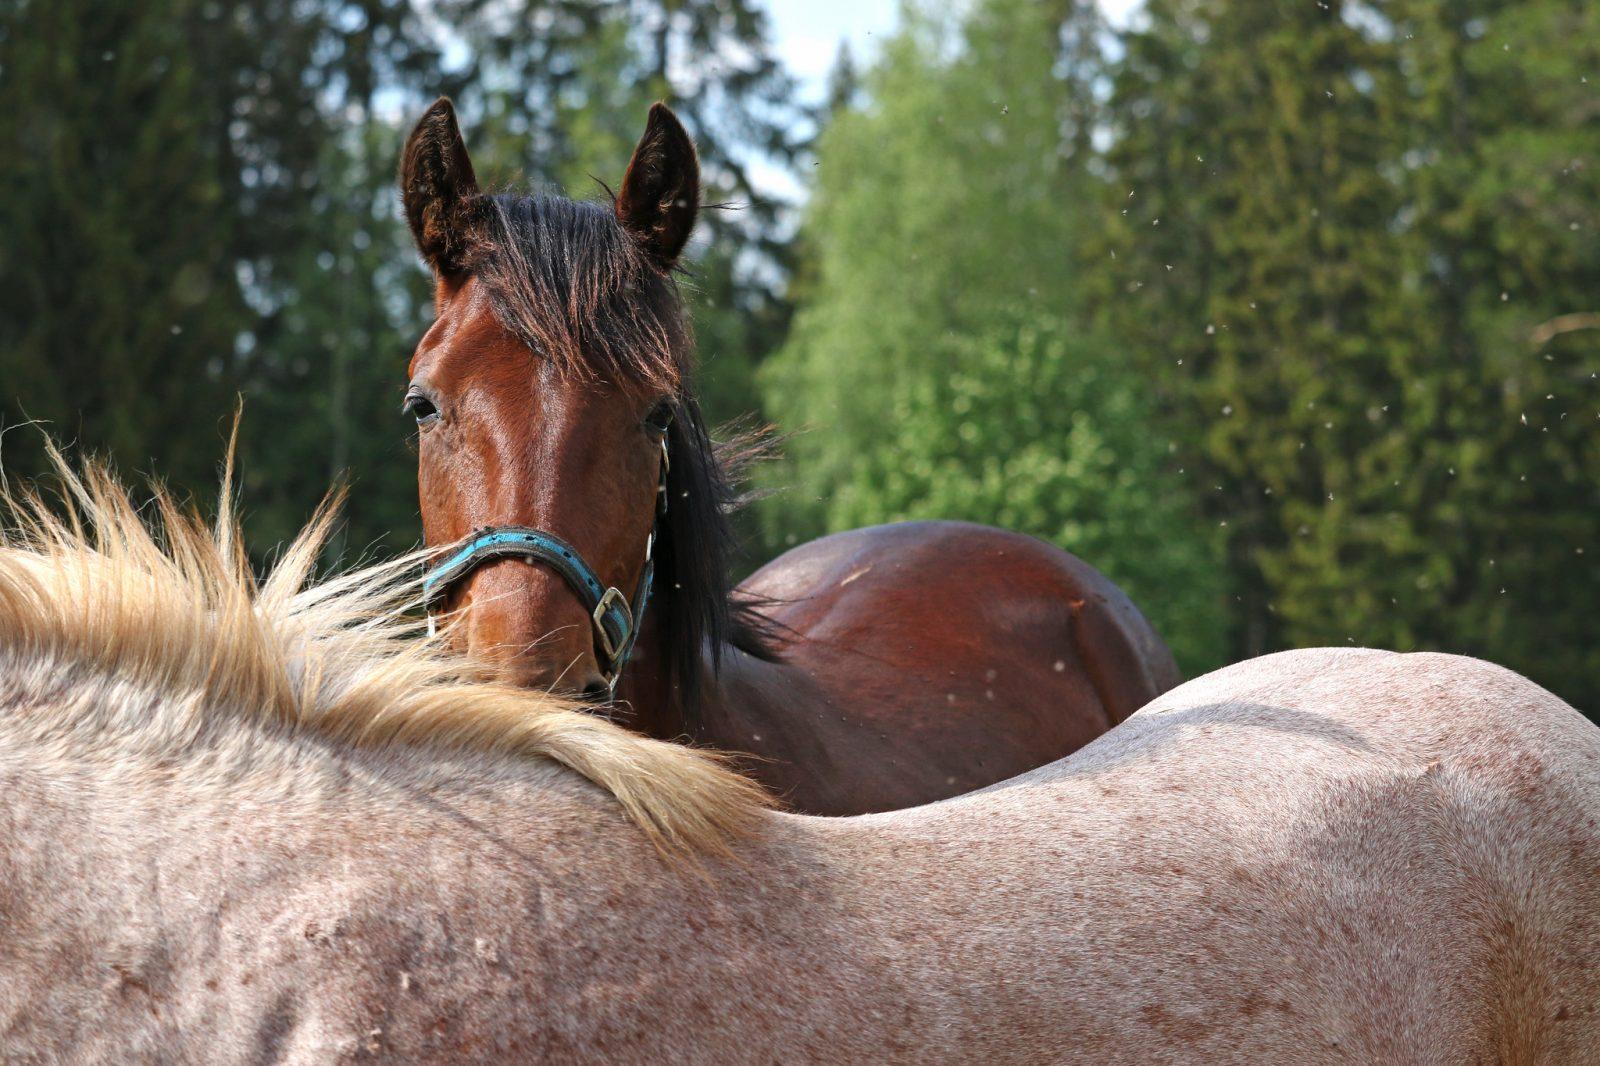 yleiskuva hevosesta